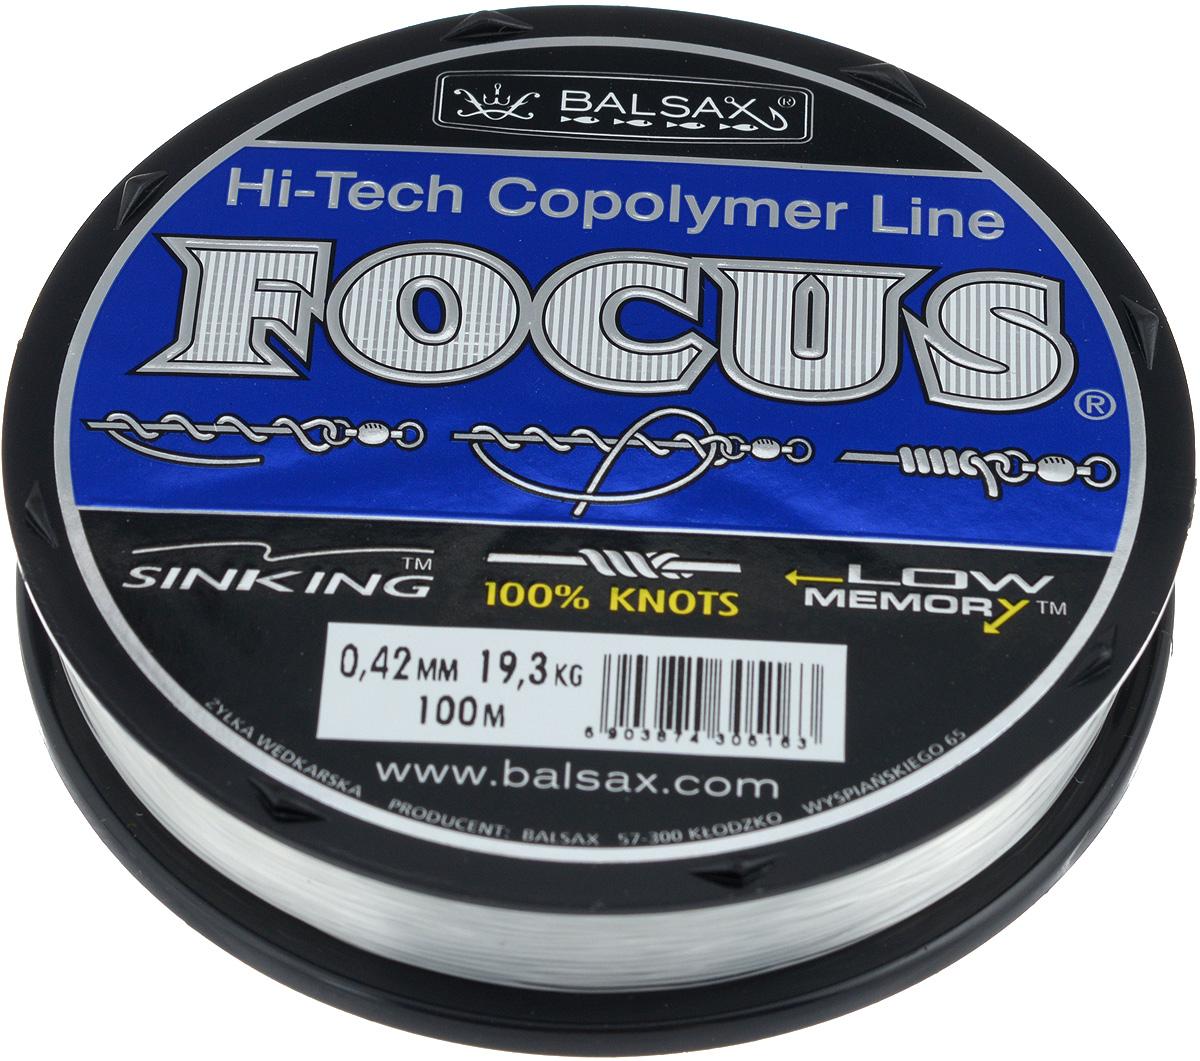 Леска Balsax Focus, 100 м, 0,42 мм, 19,3 кг304-01042Леска Balsax Focus практически идеально прозрачна, а значит, отлично подходит для ловли во всех водоемах, независимо от погодных условий. Очередной особенностью, повышающей достоинства данной лески, является ее стопроцентная сопротивляемость к деформации, что дает рыболовам уверенность в эффективных забросах, а также позволяет избежать безнадежного запутывания лески. Тесты на эластичность и упругость лески доказали, что последняя, пропорционально к другим особенностям, имеет необходимую растяжимость. Для рыболова это означает, что можно даже тащить очень крупную рыбу.